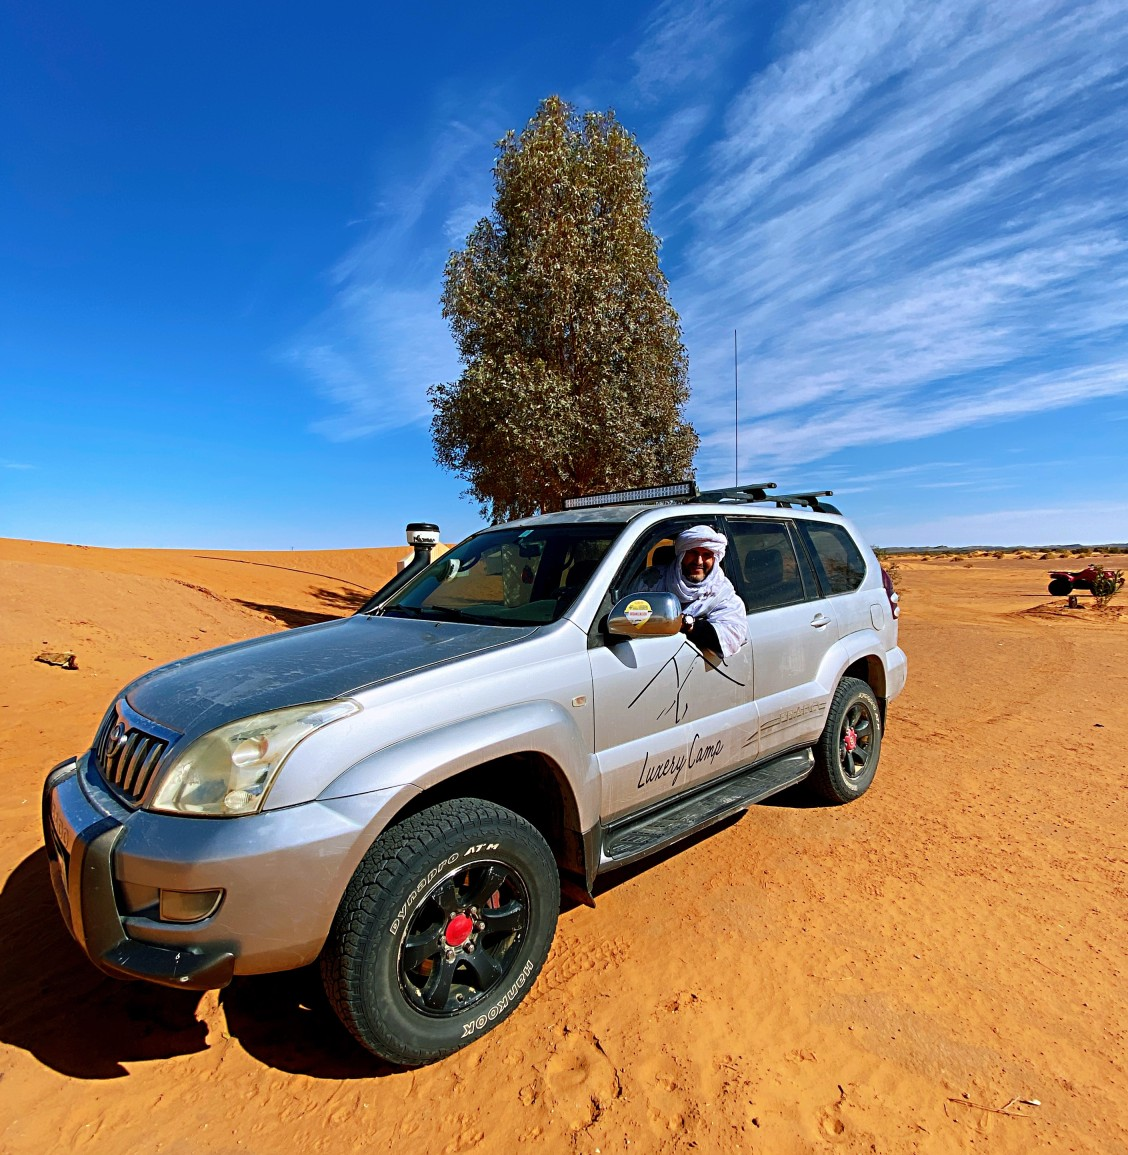 Sahara Sky Tours